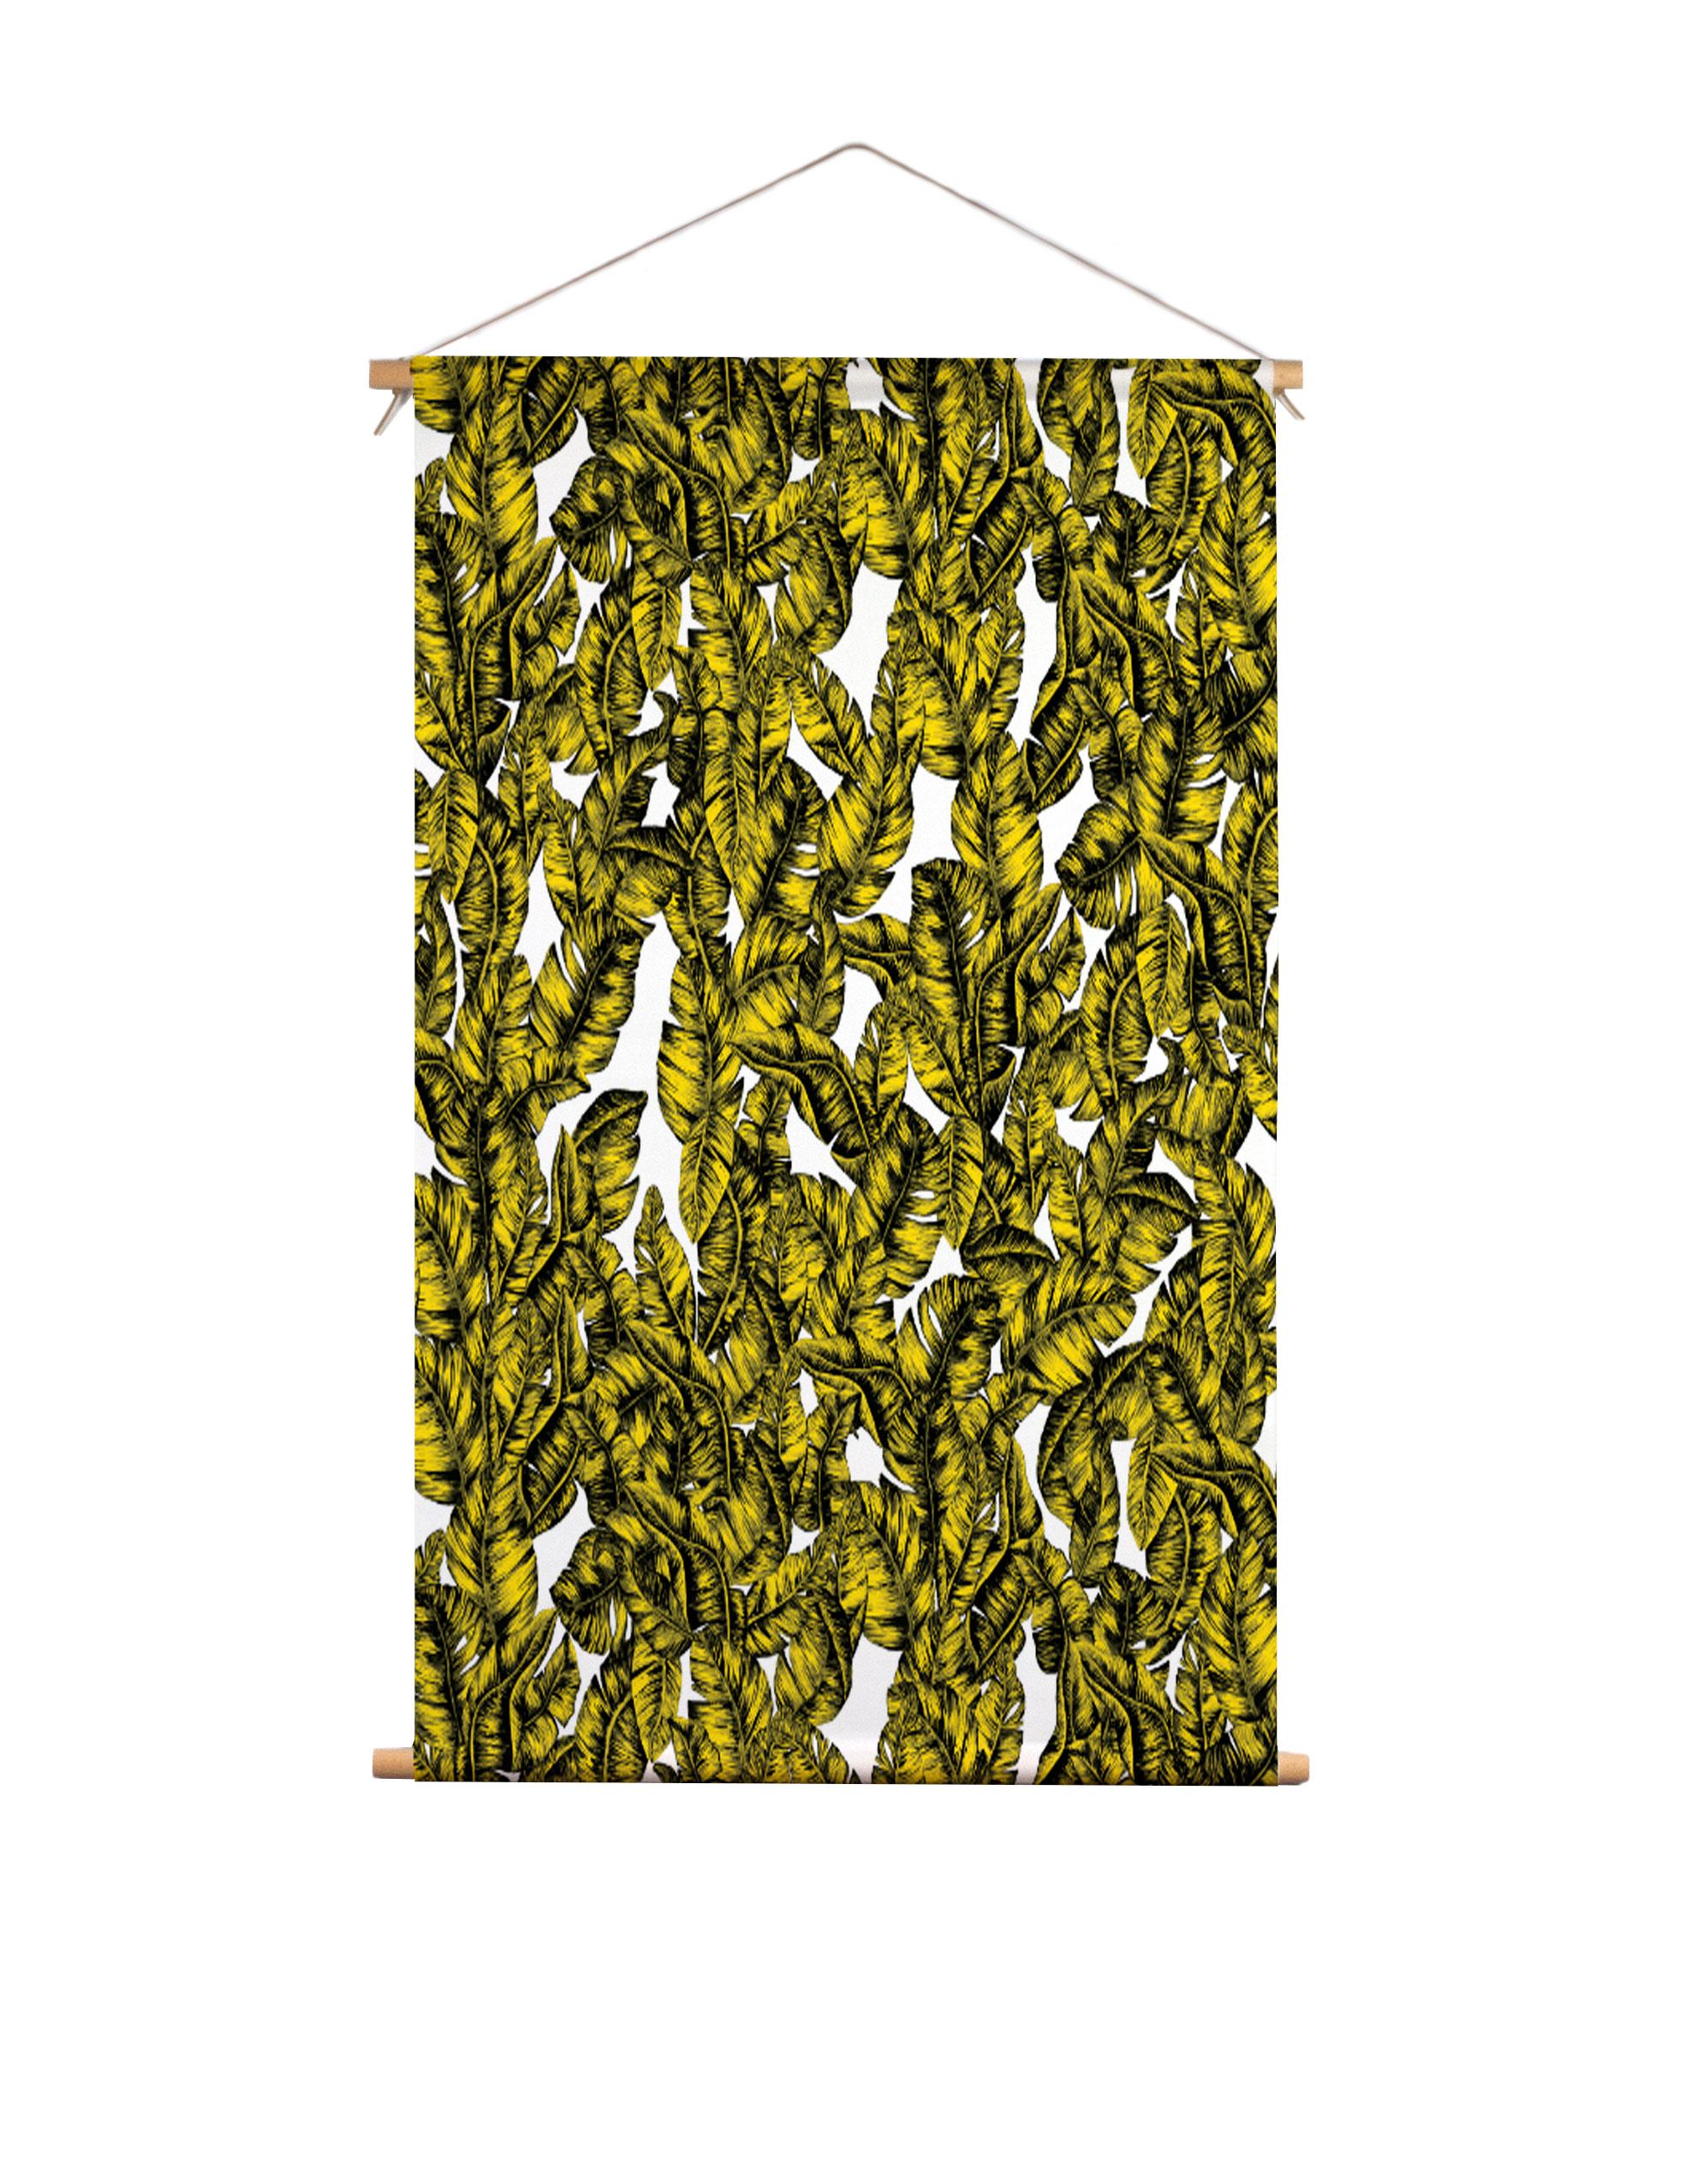 Textielposter-bladgoud-Veronique-de-Jong